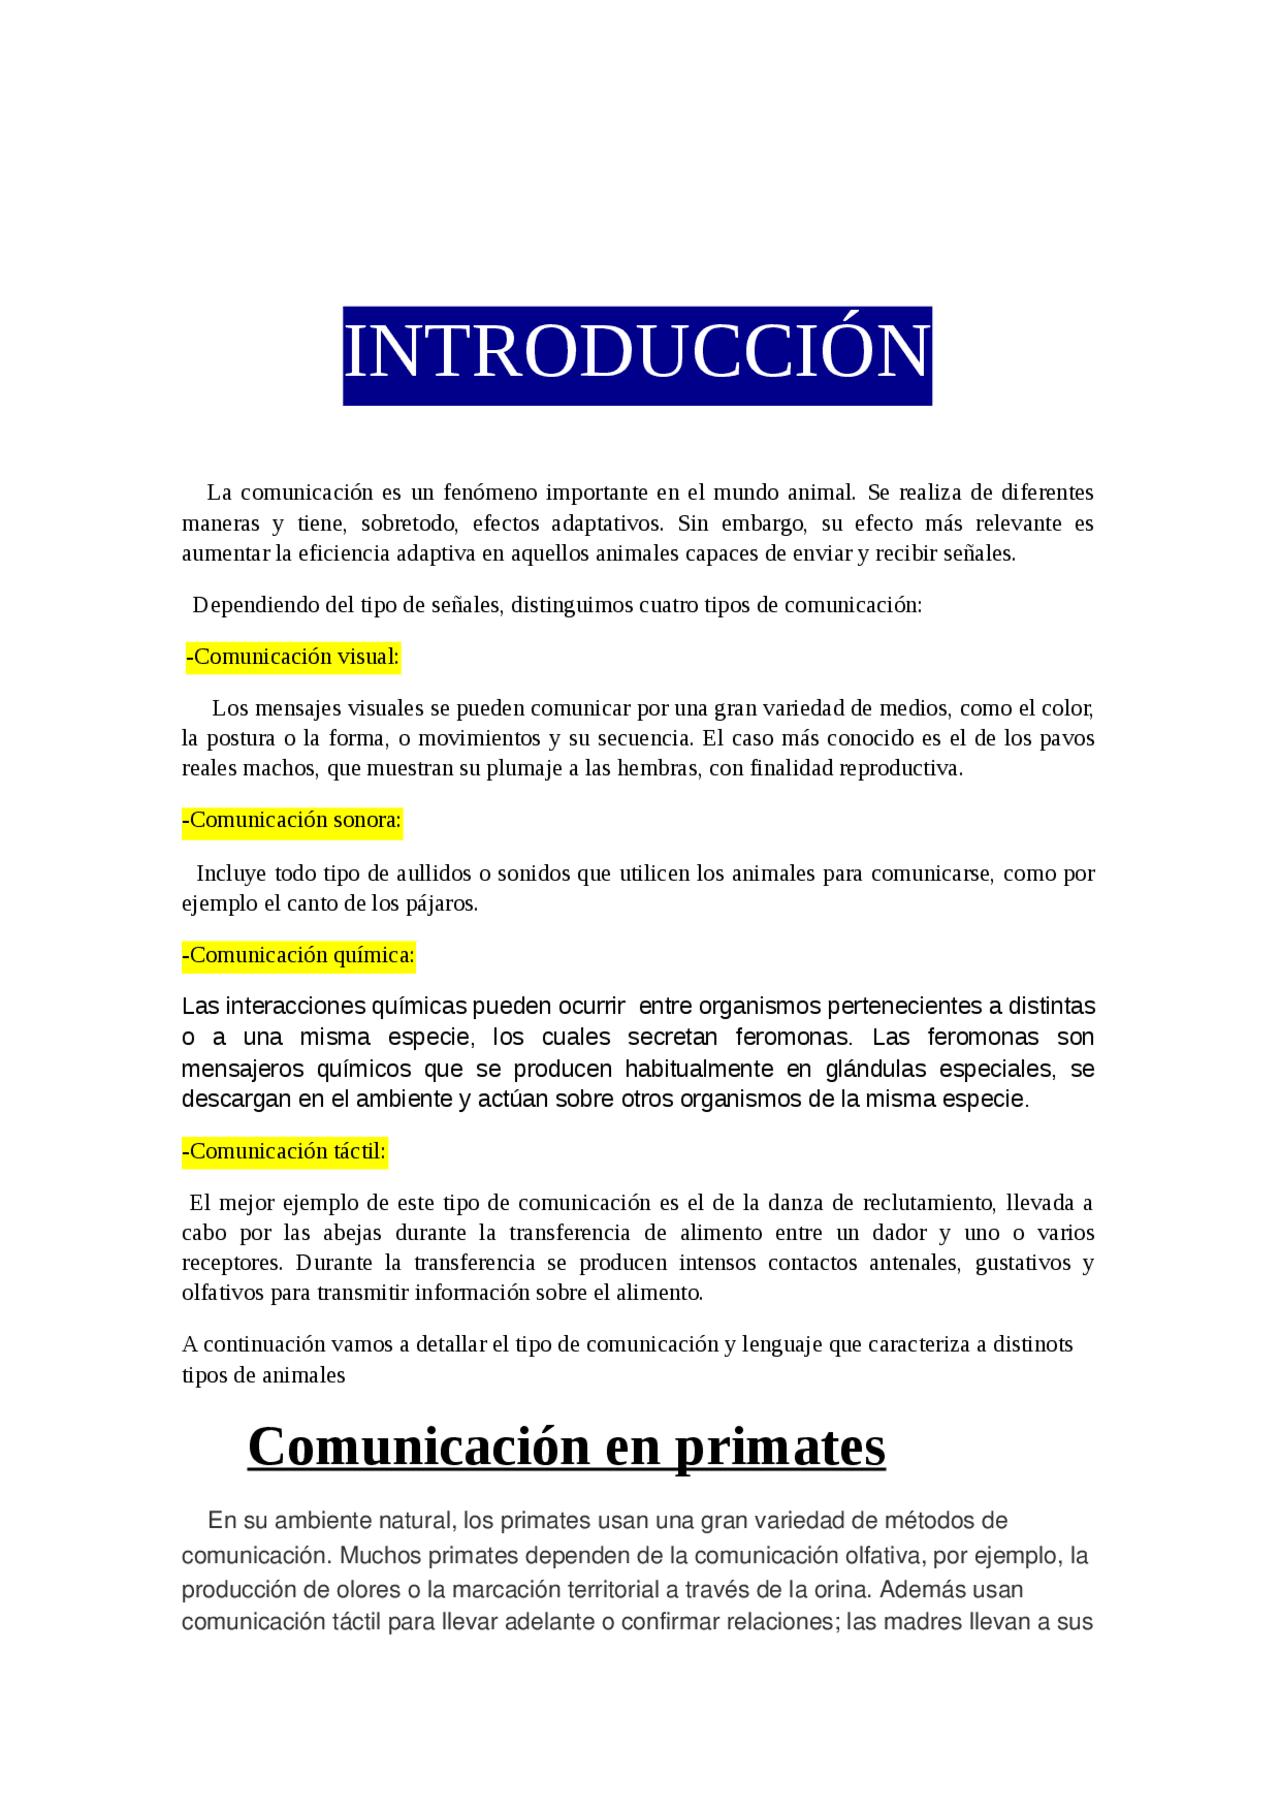 Trabajo Comunicación Animal Guías Proyectos Investigaciones De Filología Inglesa Docsity